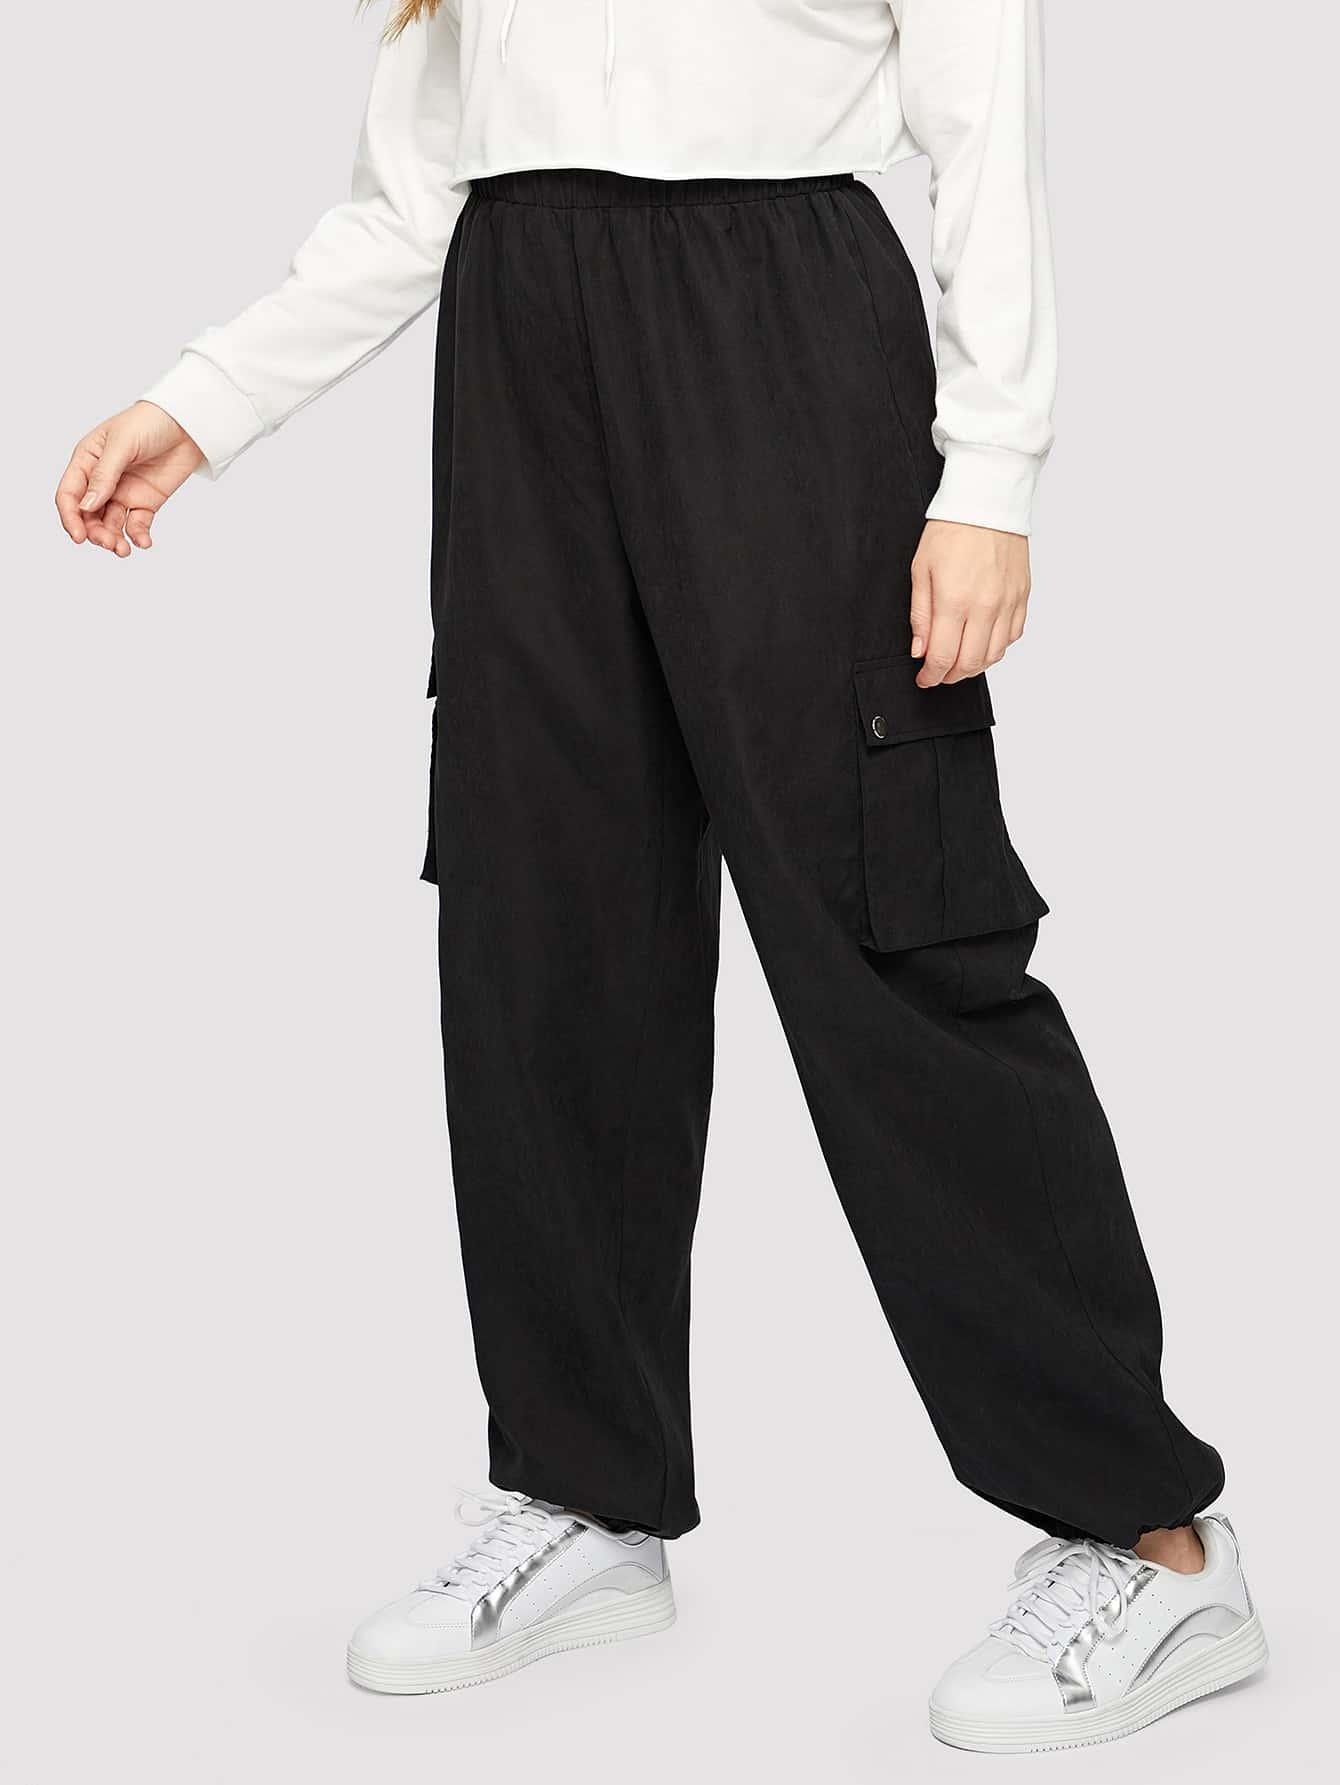 Купить Размер плюс брюки с карманом и упругой талией, Isabela, SheIn